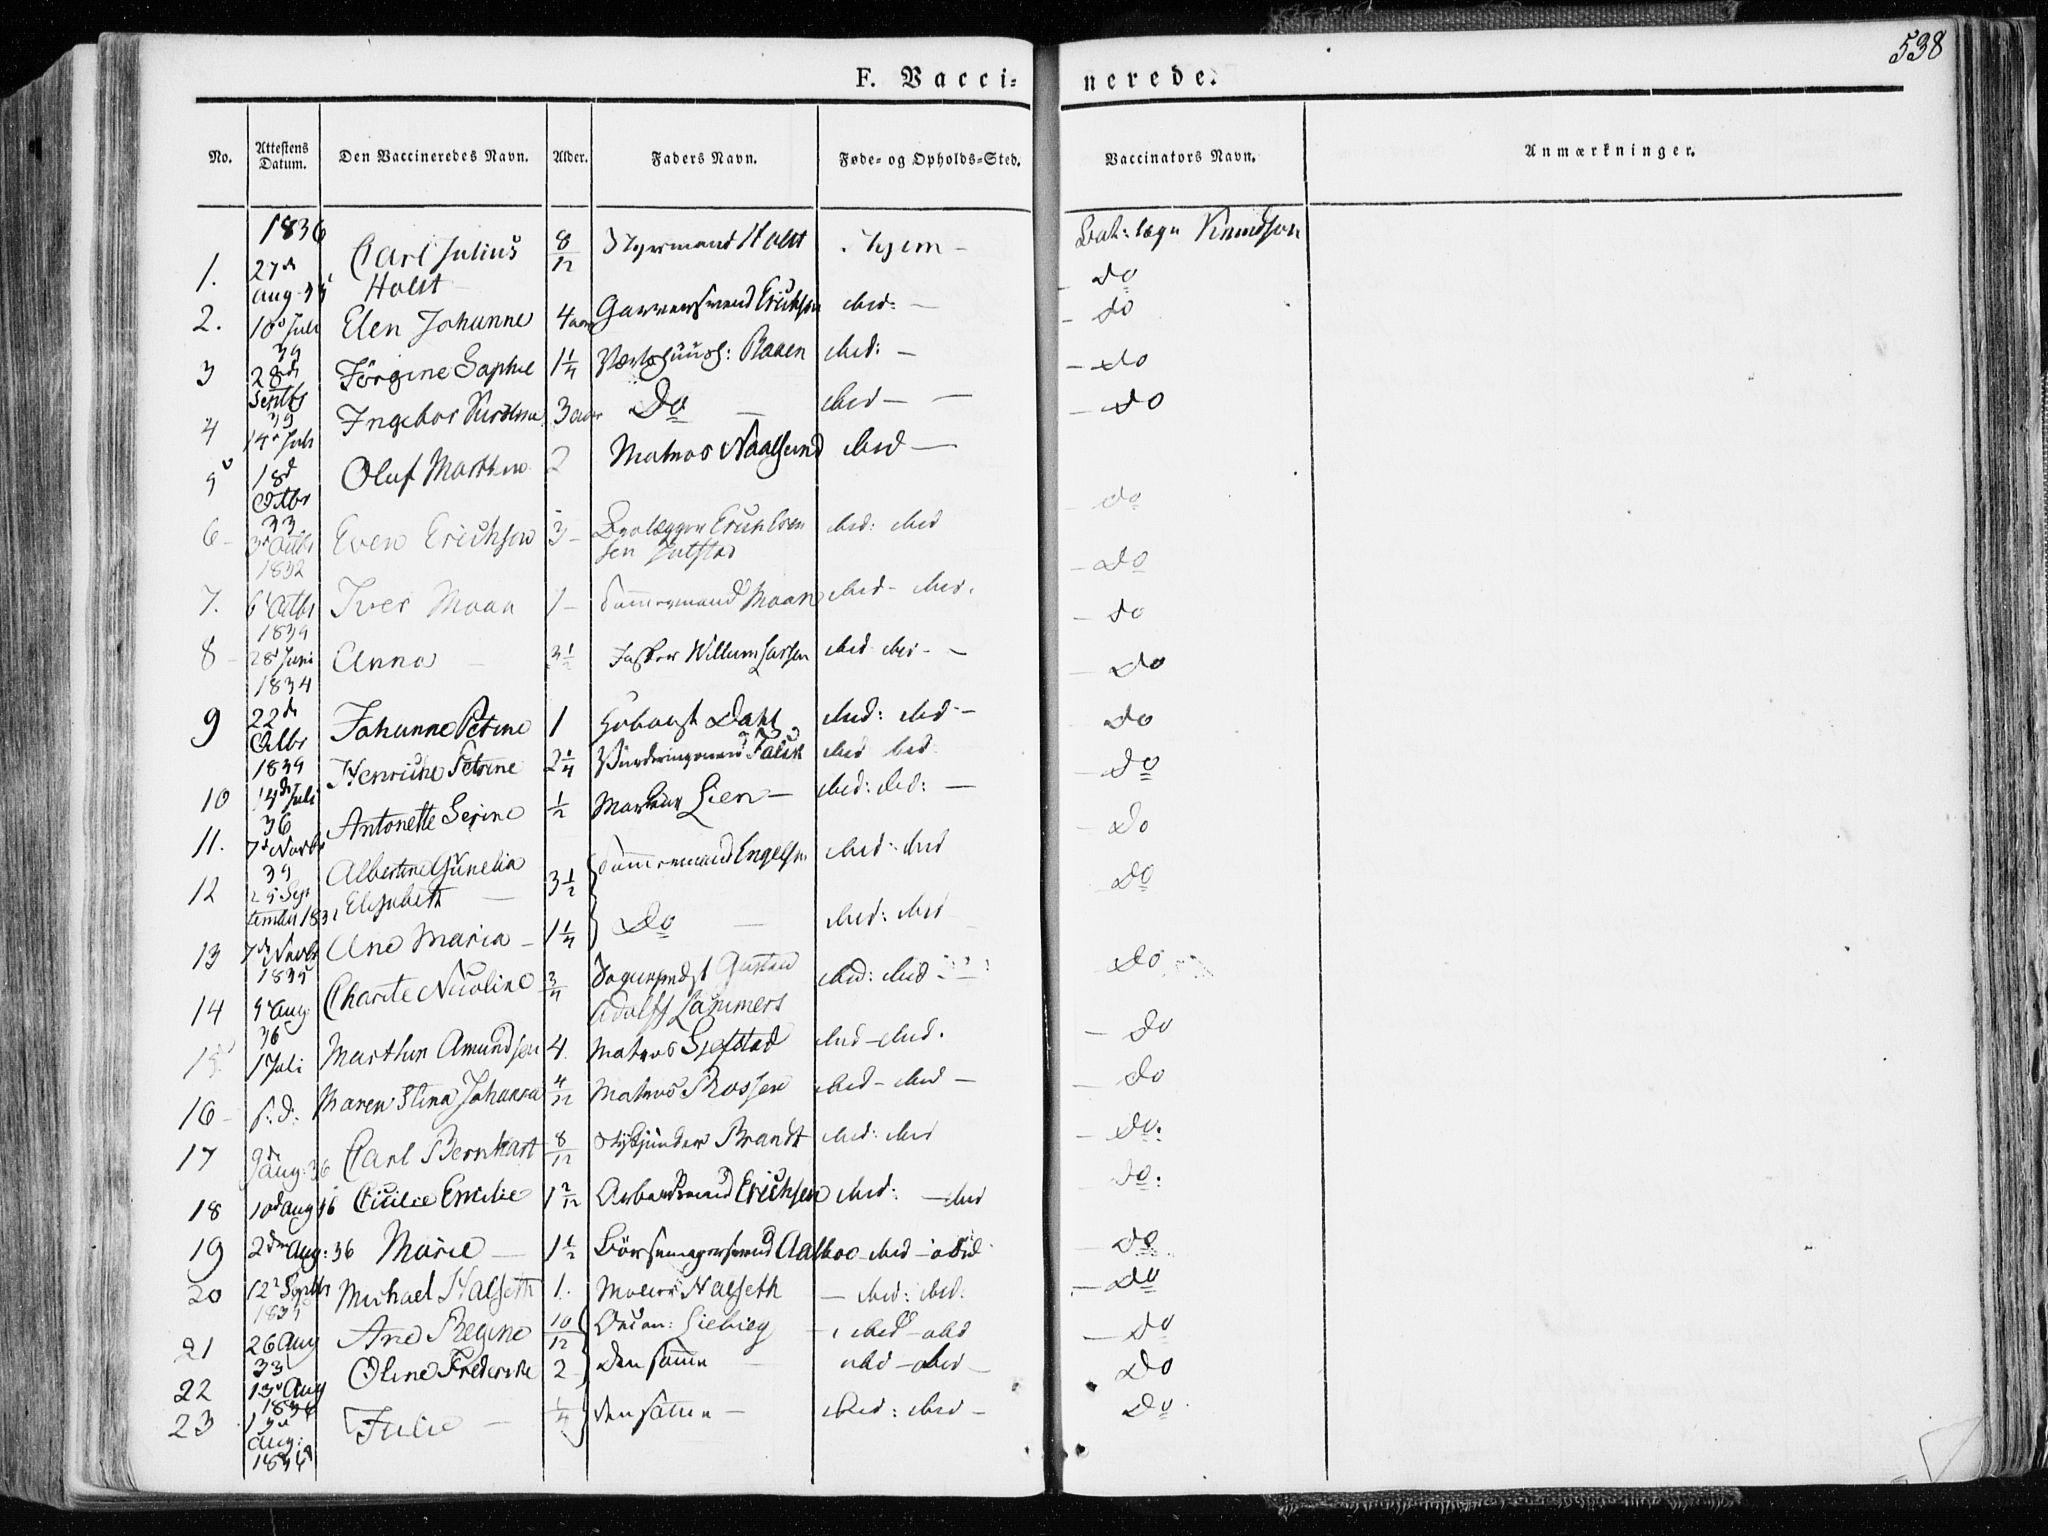 SAT, Ministerialprotokoller, klokkerbøker og fødselsregistre - Sør-Trøndelag, 601/L0047: Ministerialbok nr. 601A15, 1831-1839, s. 538